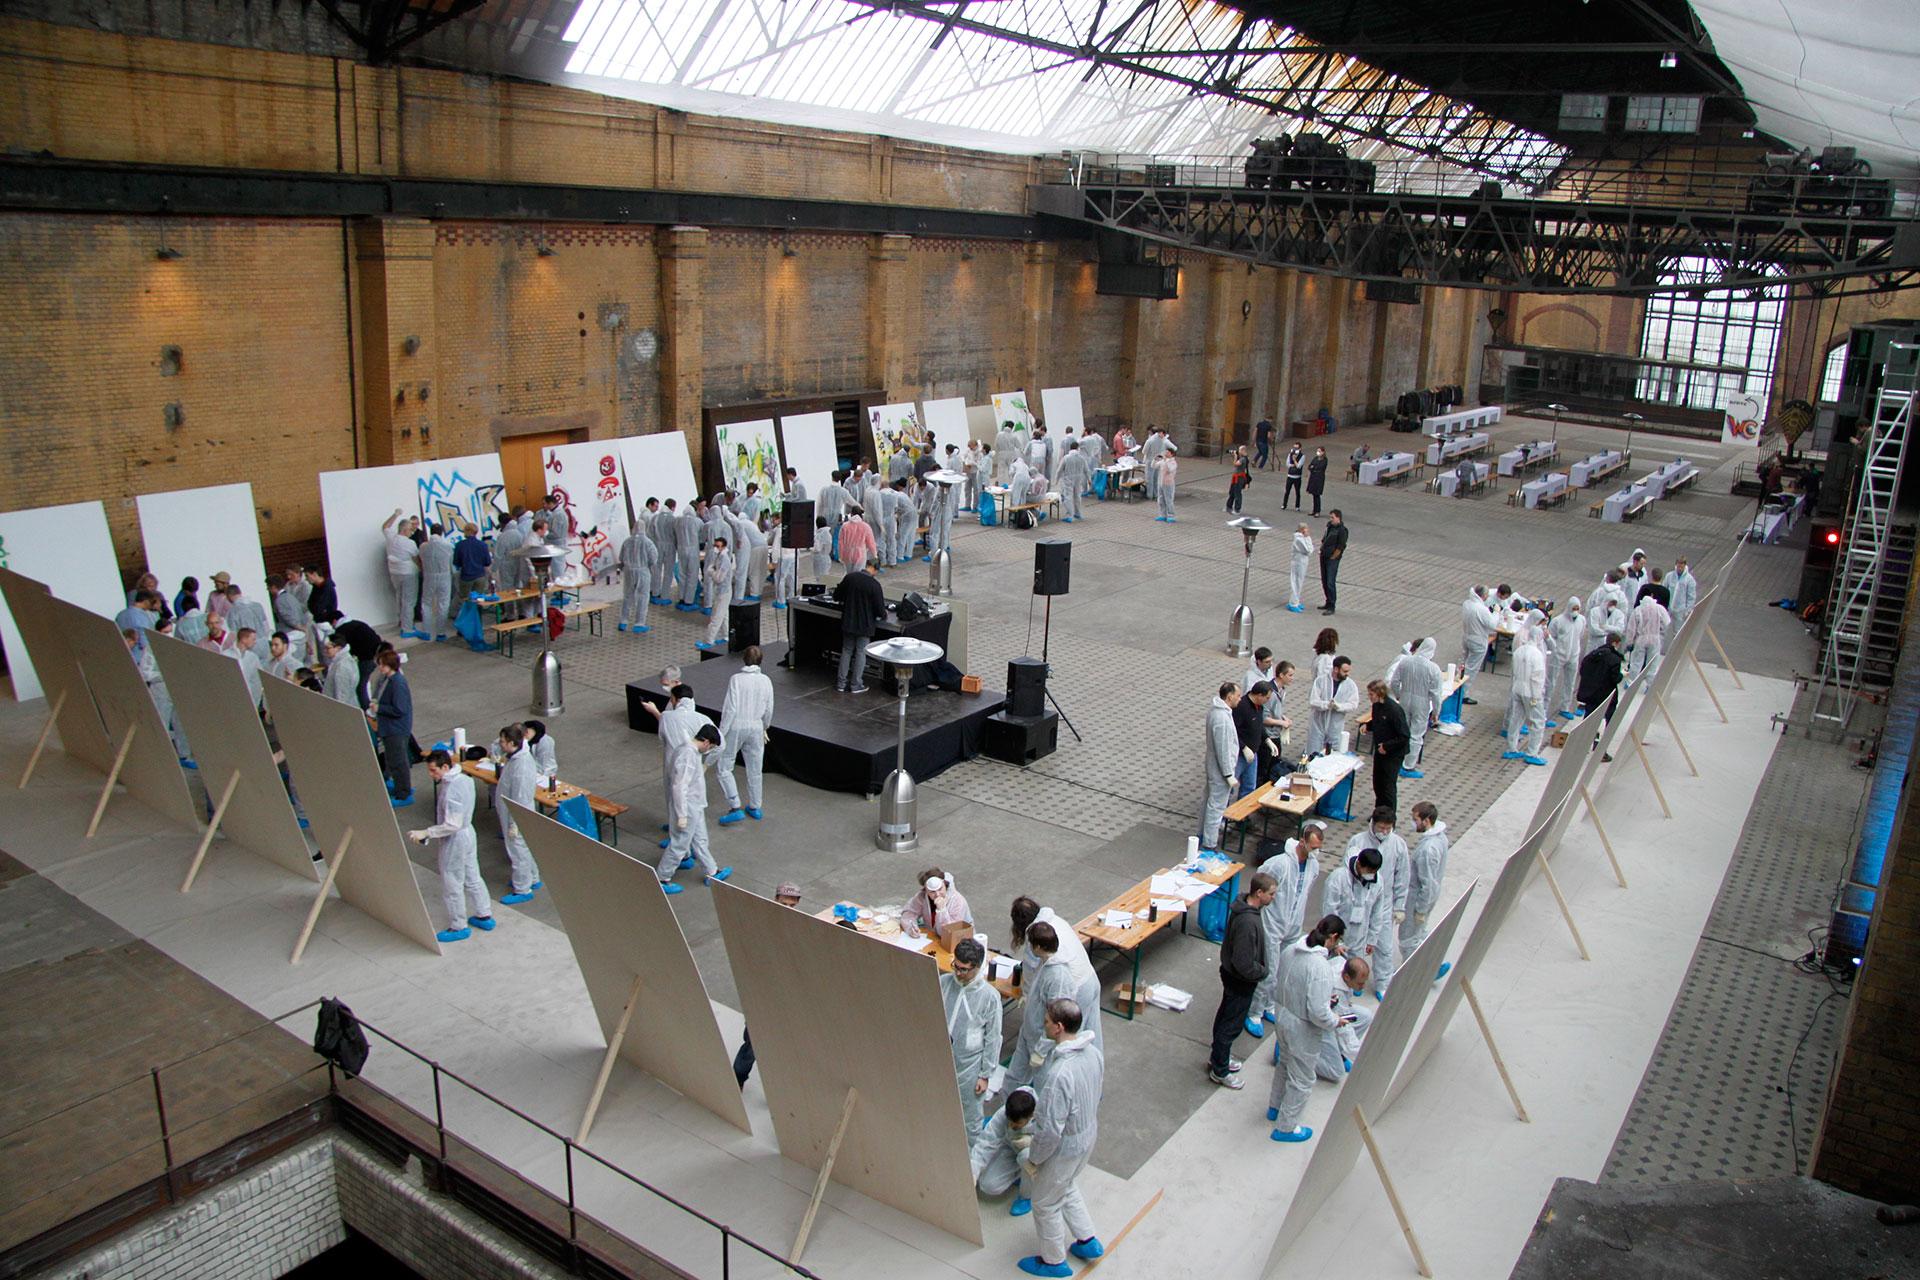 Google-Workshop, Graffiti, Chrome, Workshop, Berlin, Sprayen, Halle, Teambuilding, Bennet Grüttner, Studio Auckz